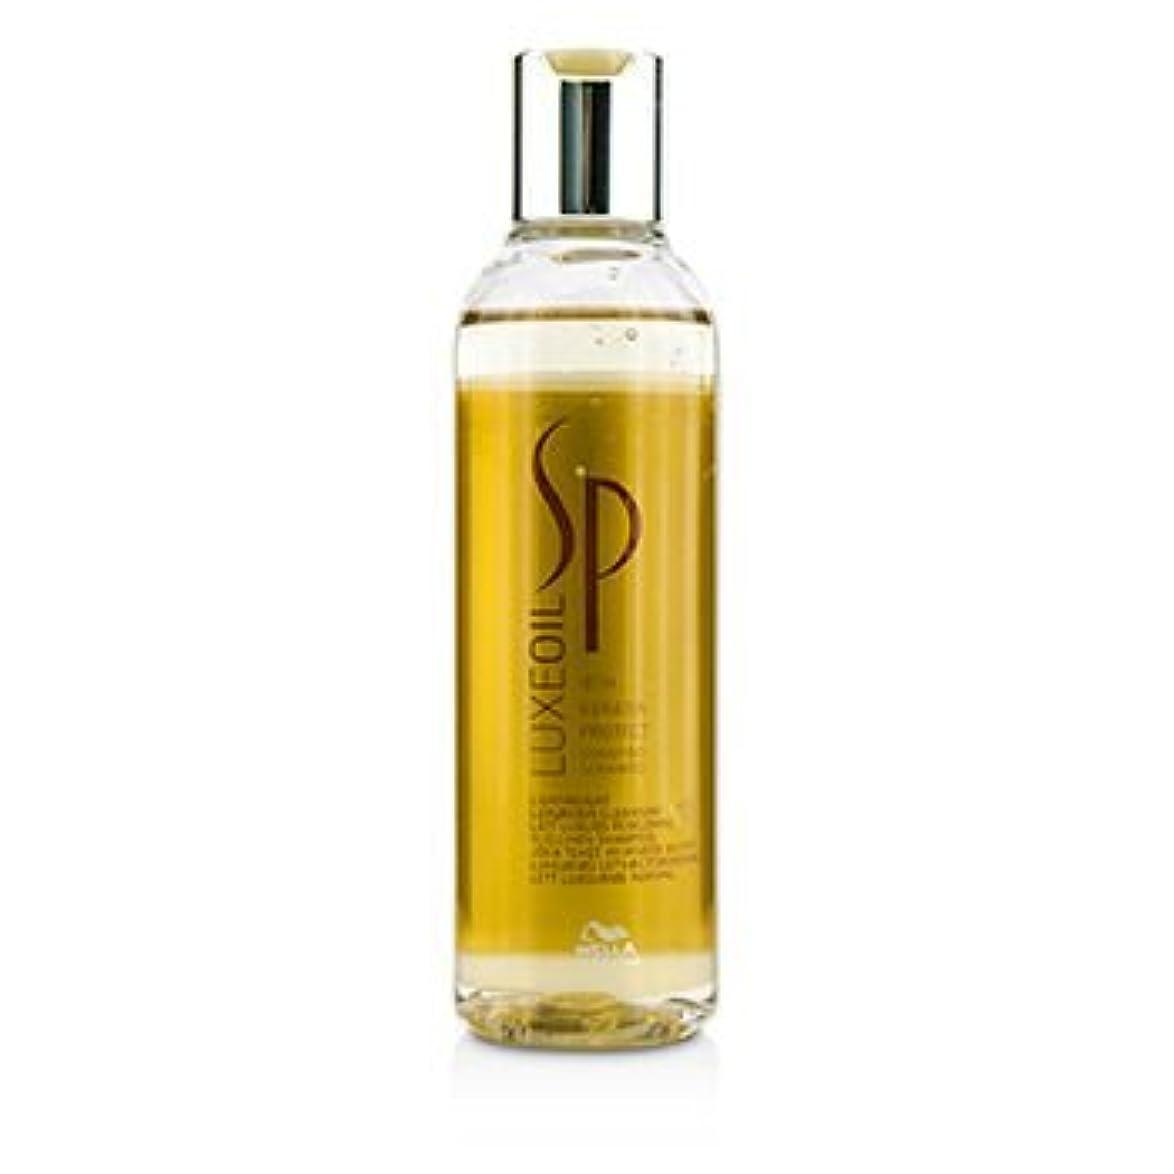 プリーツびん摂氏Wella SP Luxe Hair Oil Keratin Protect Shampoo - 200ml by WELLA System Professional [並行輸入品]